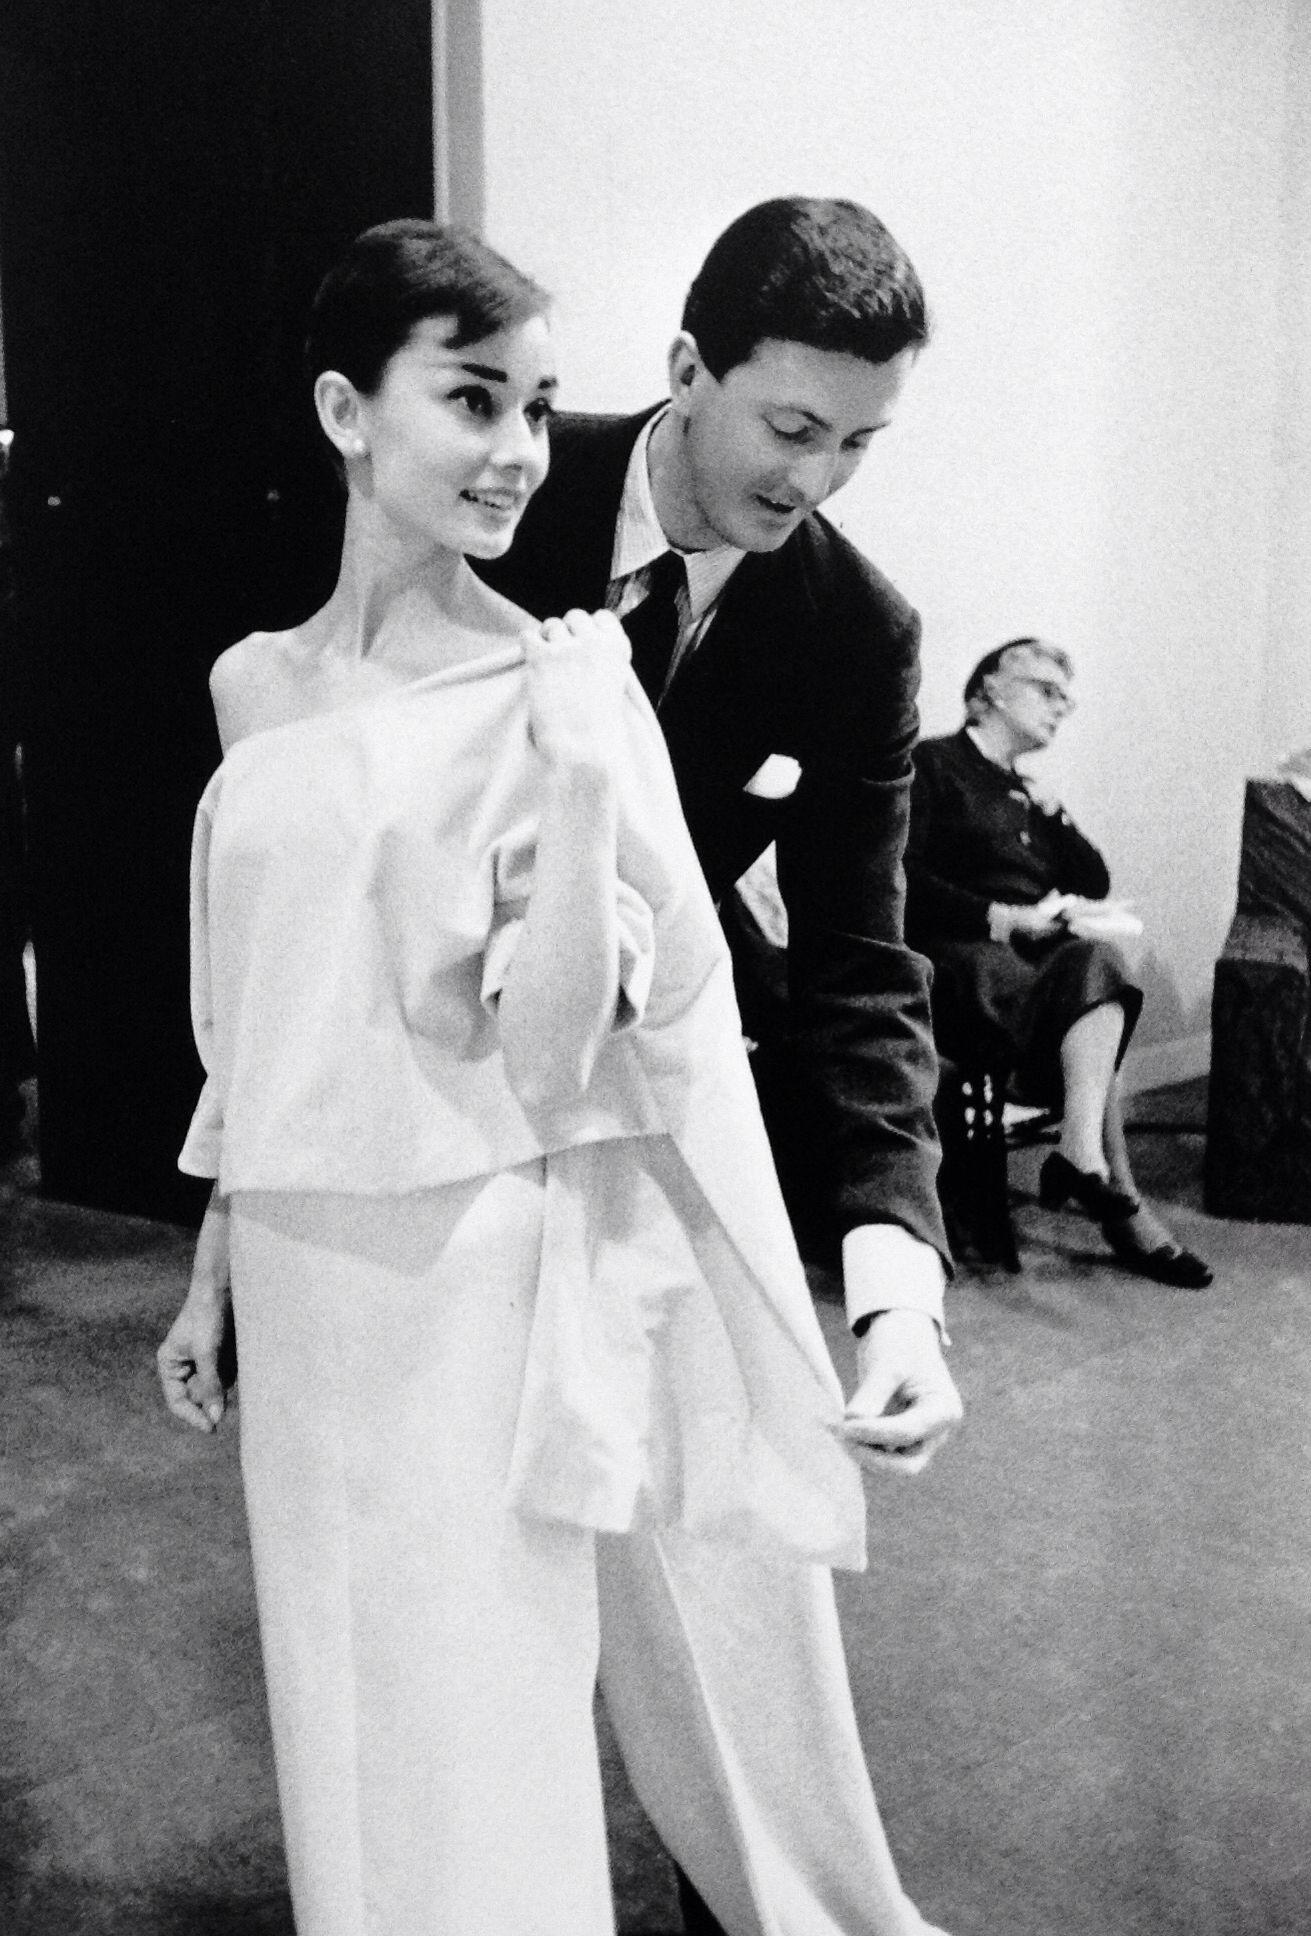 Resultado de imagem para Audrey Hepburn conhece givenchy